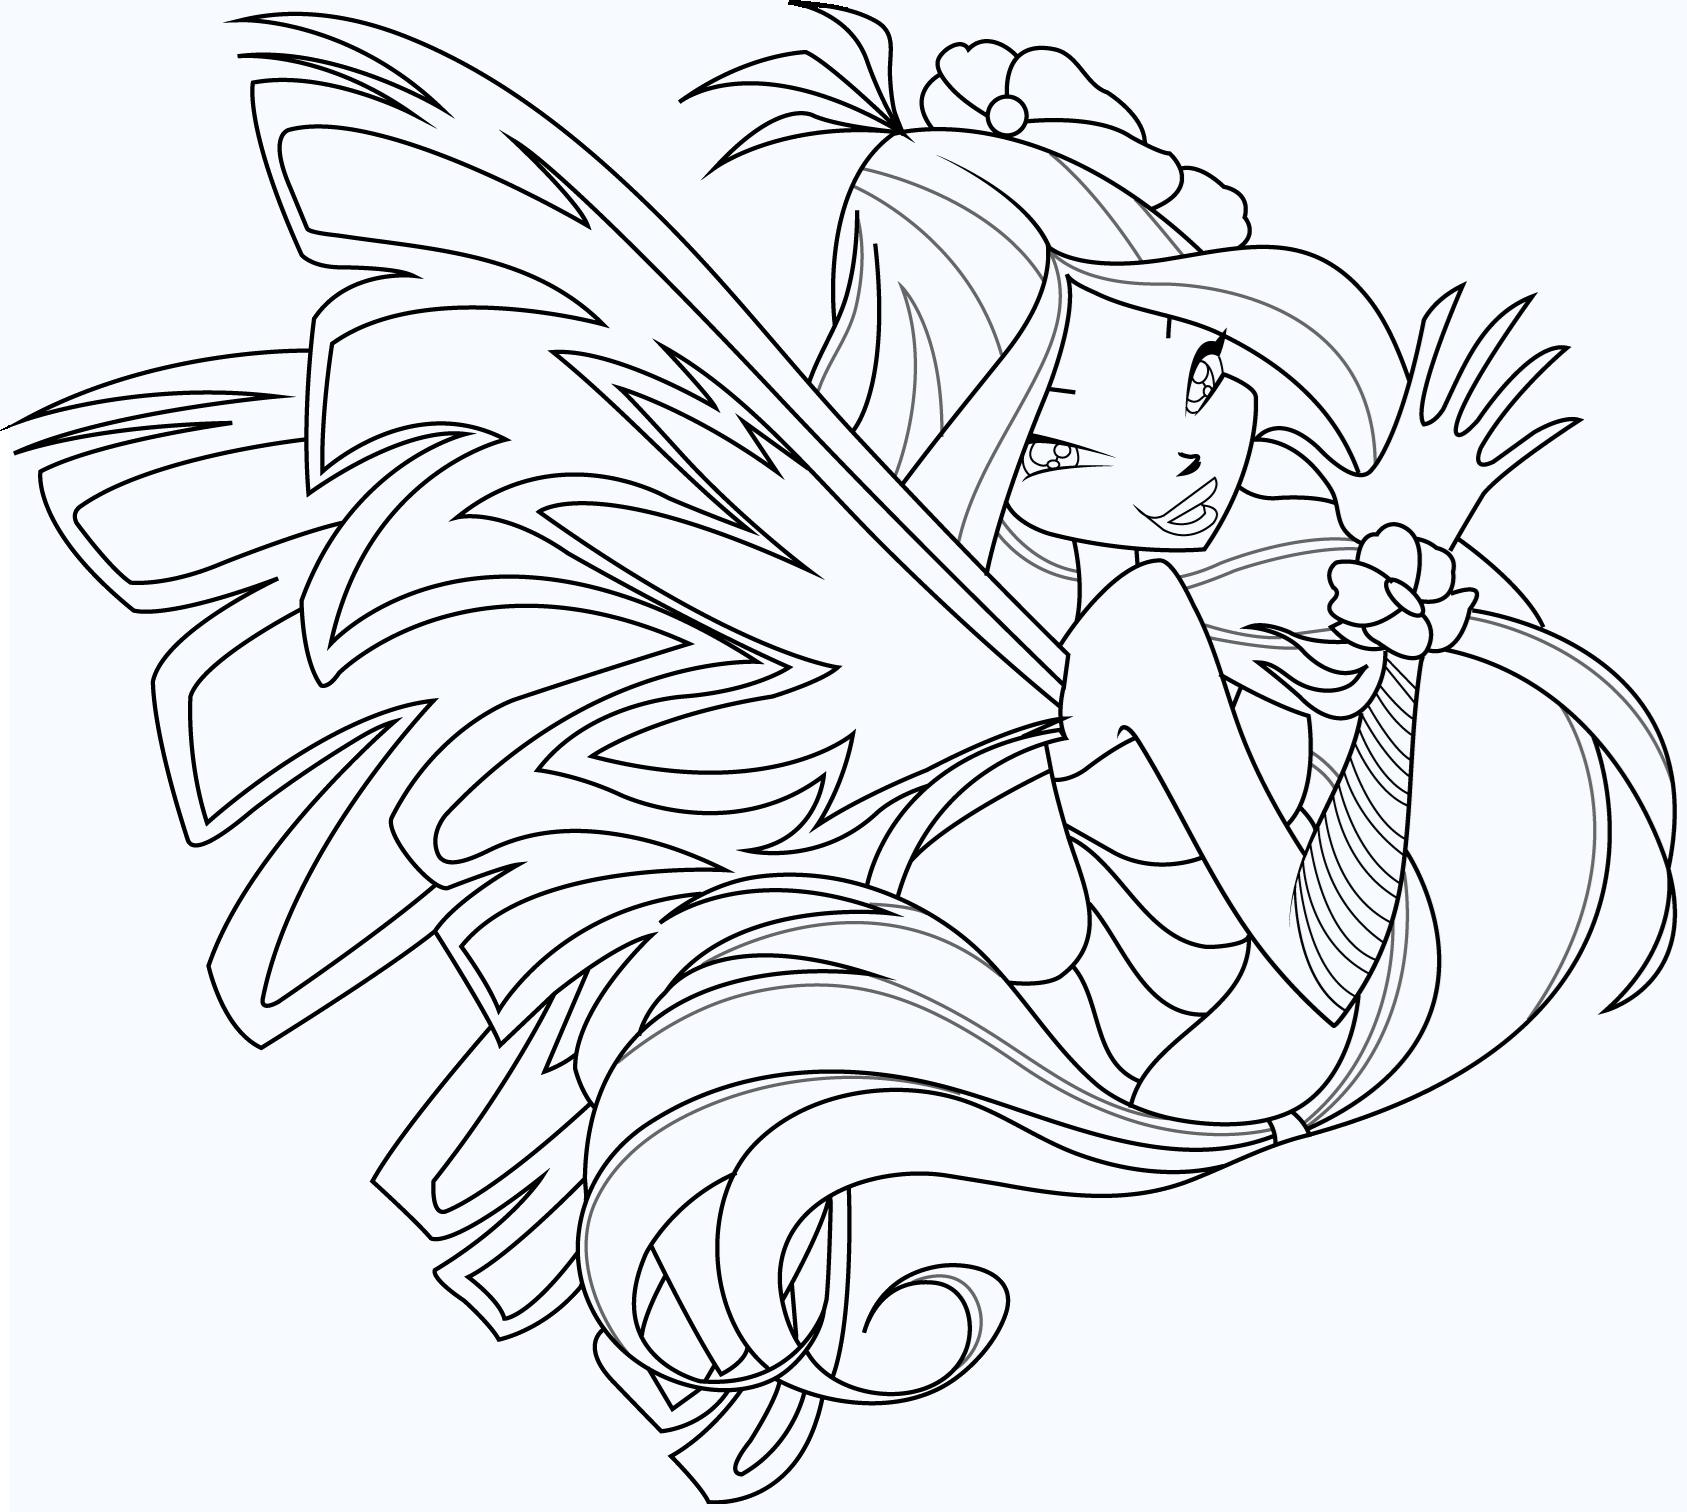 Tranh tô màu công chúa Winx đẹp